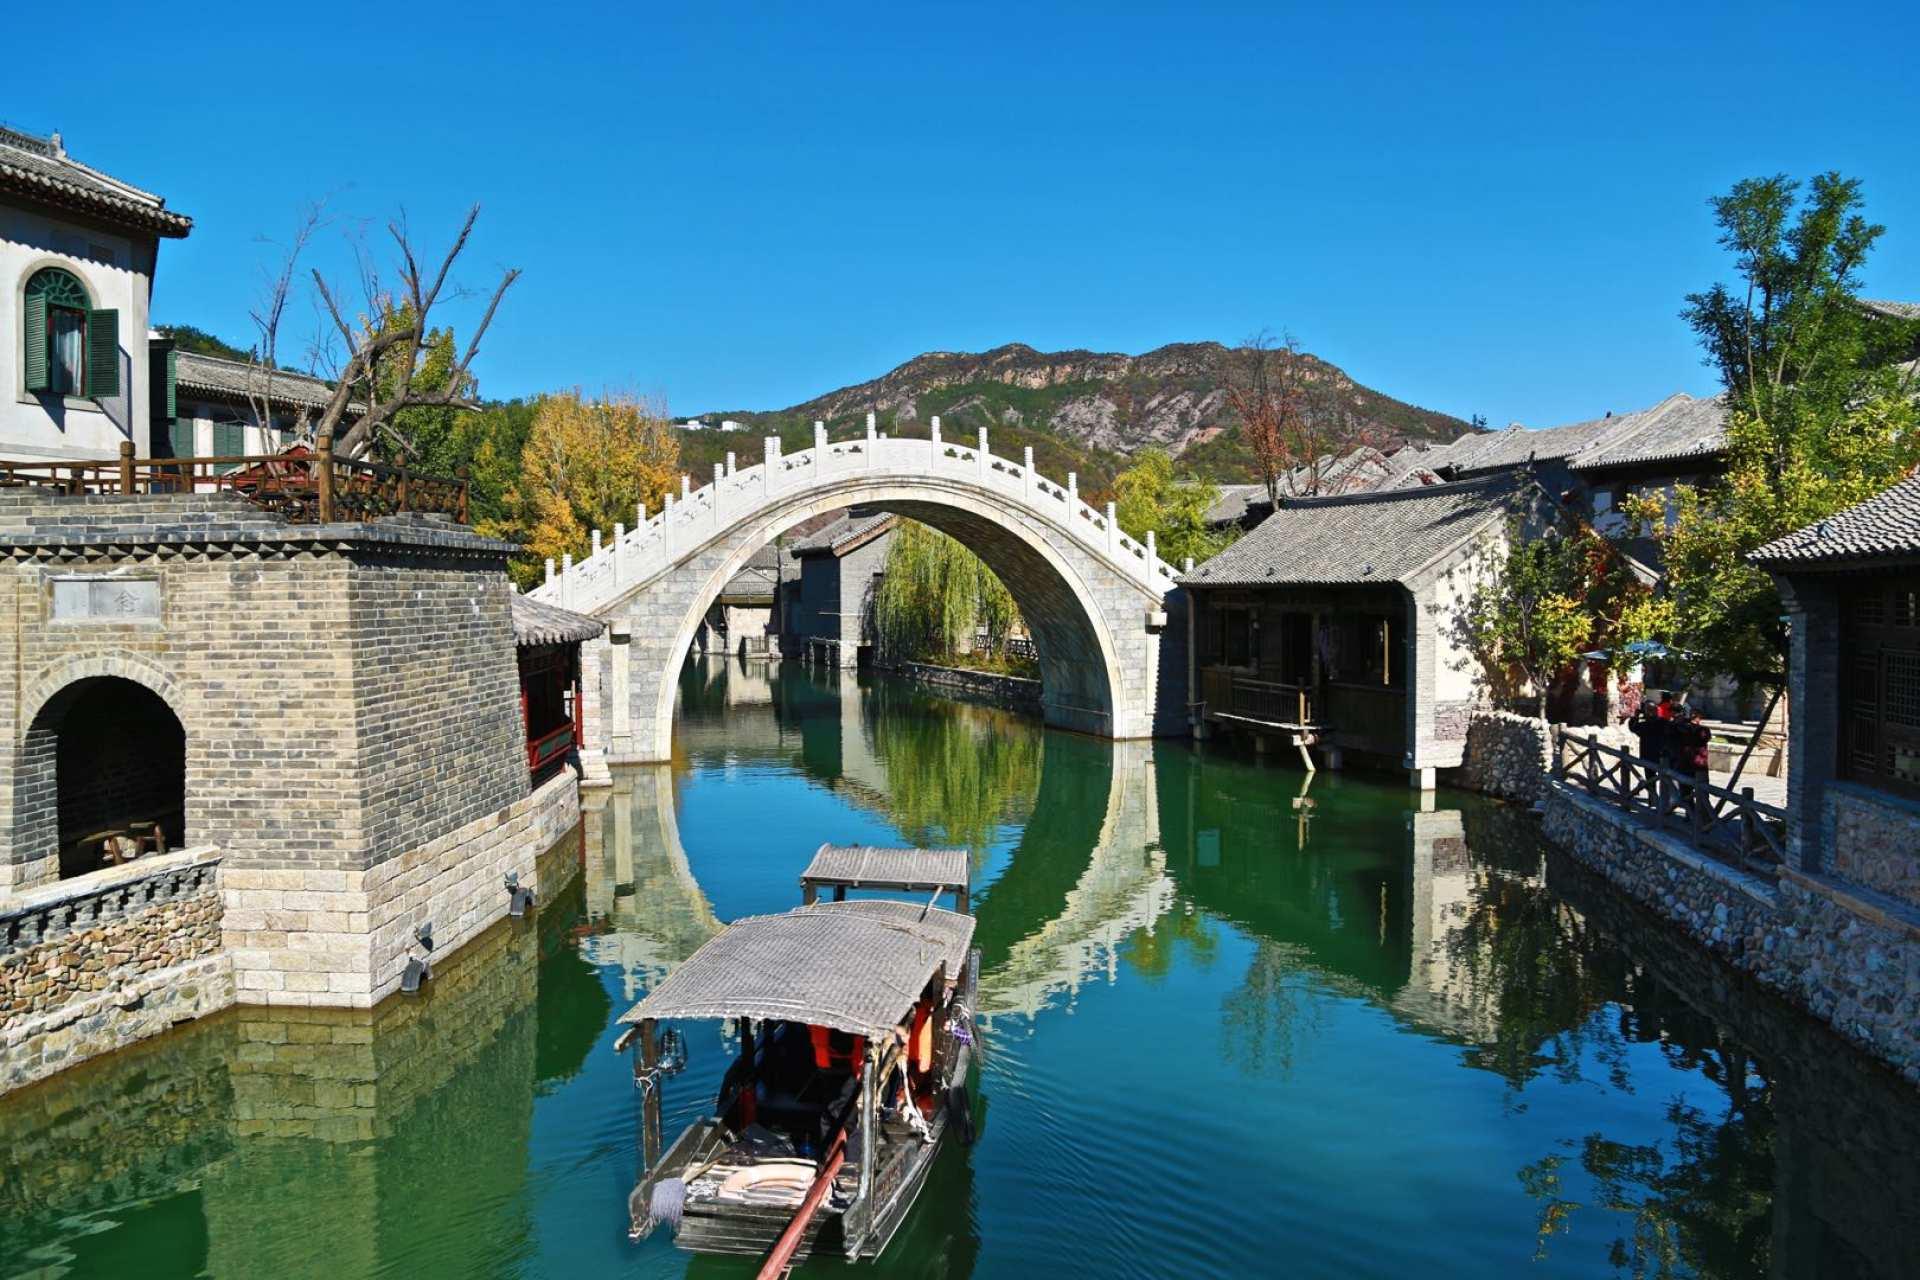 【限時優惠】北京近郊一日遊 | 司馬台長城&古北水鎮